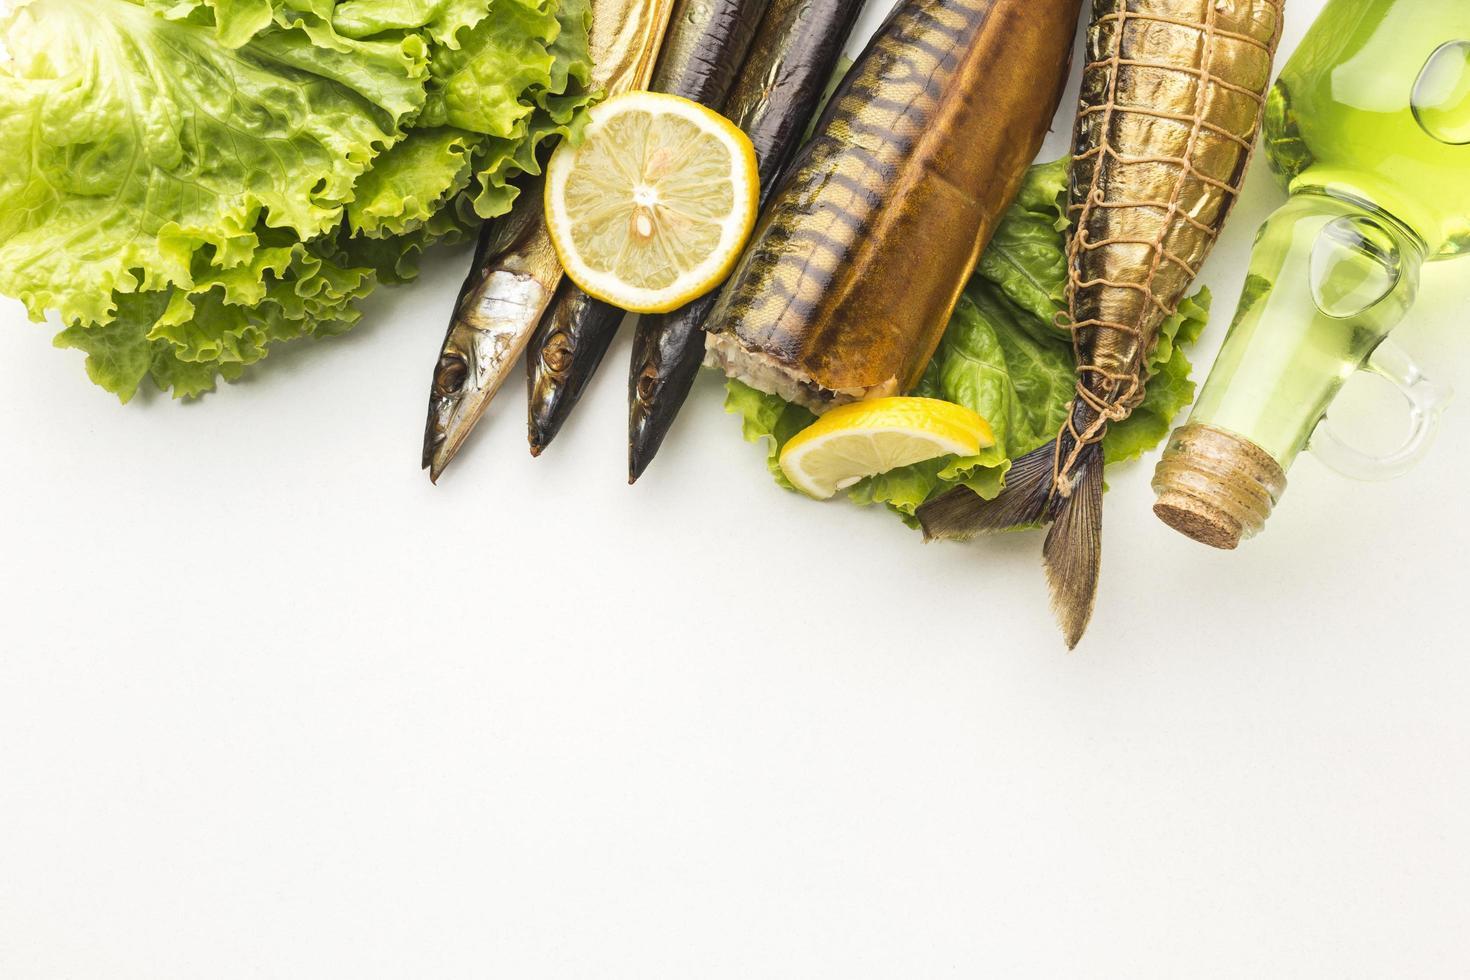 geräucherter Fisch und andere Zutaten foto